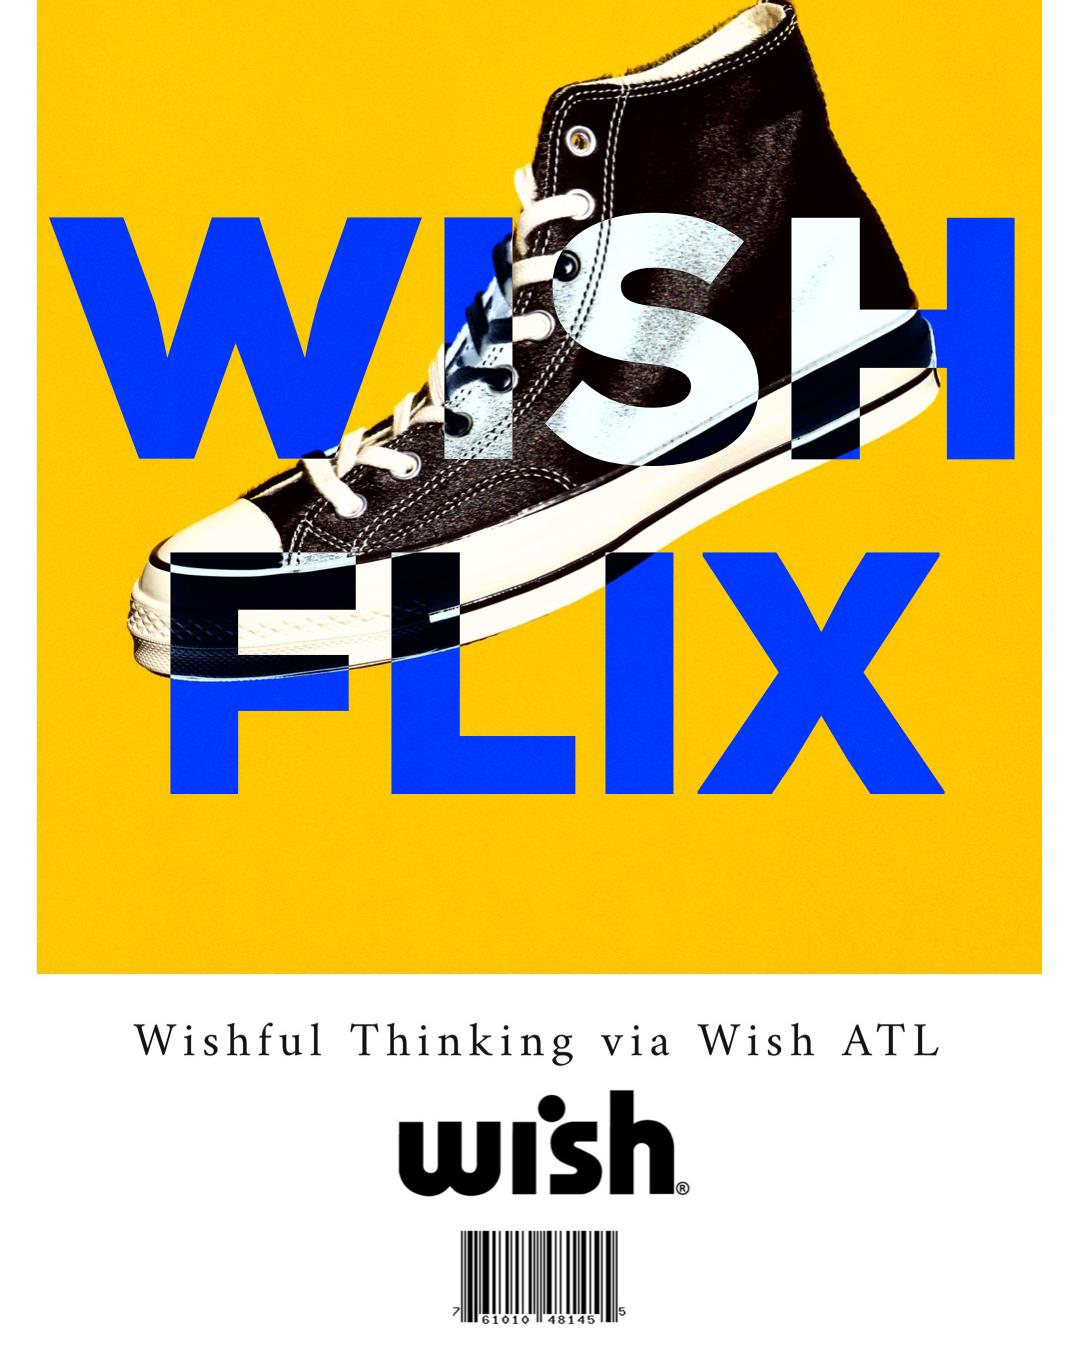 WISHFLIX